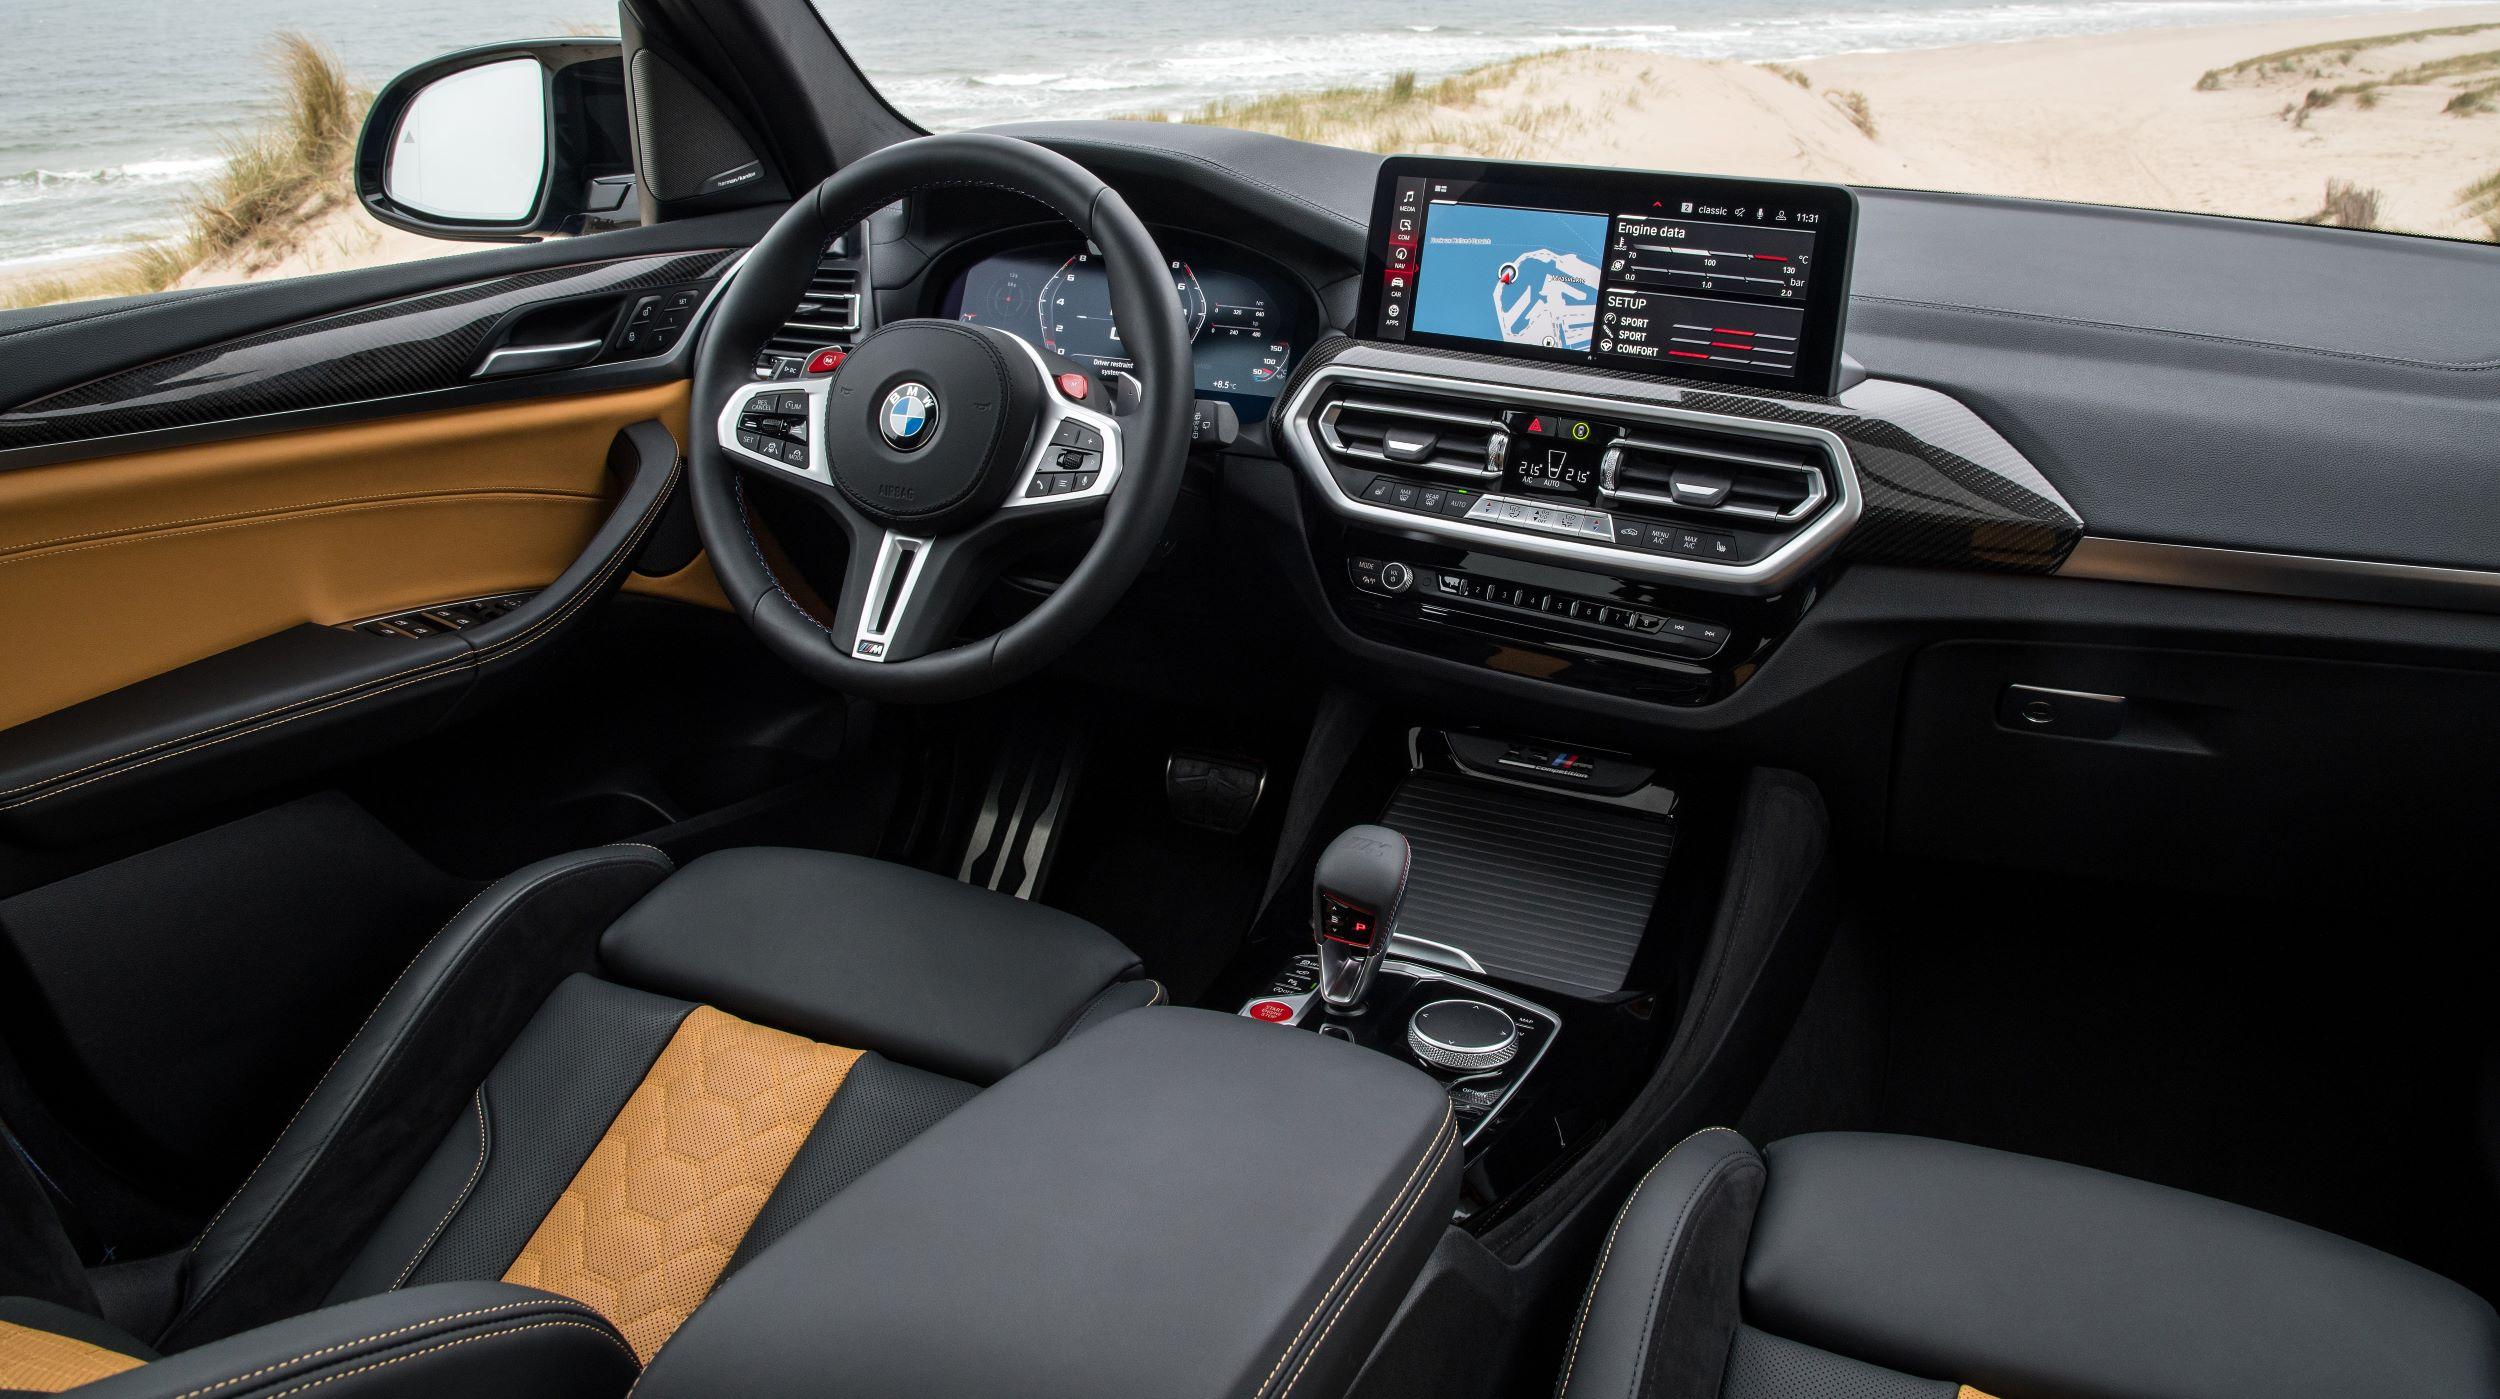 BMW X3, X4 M deska